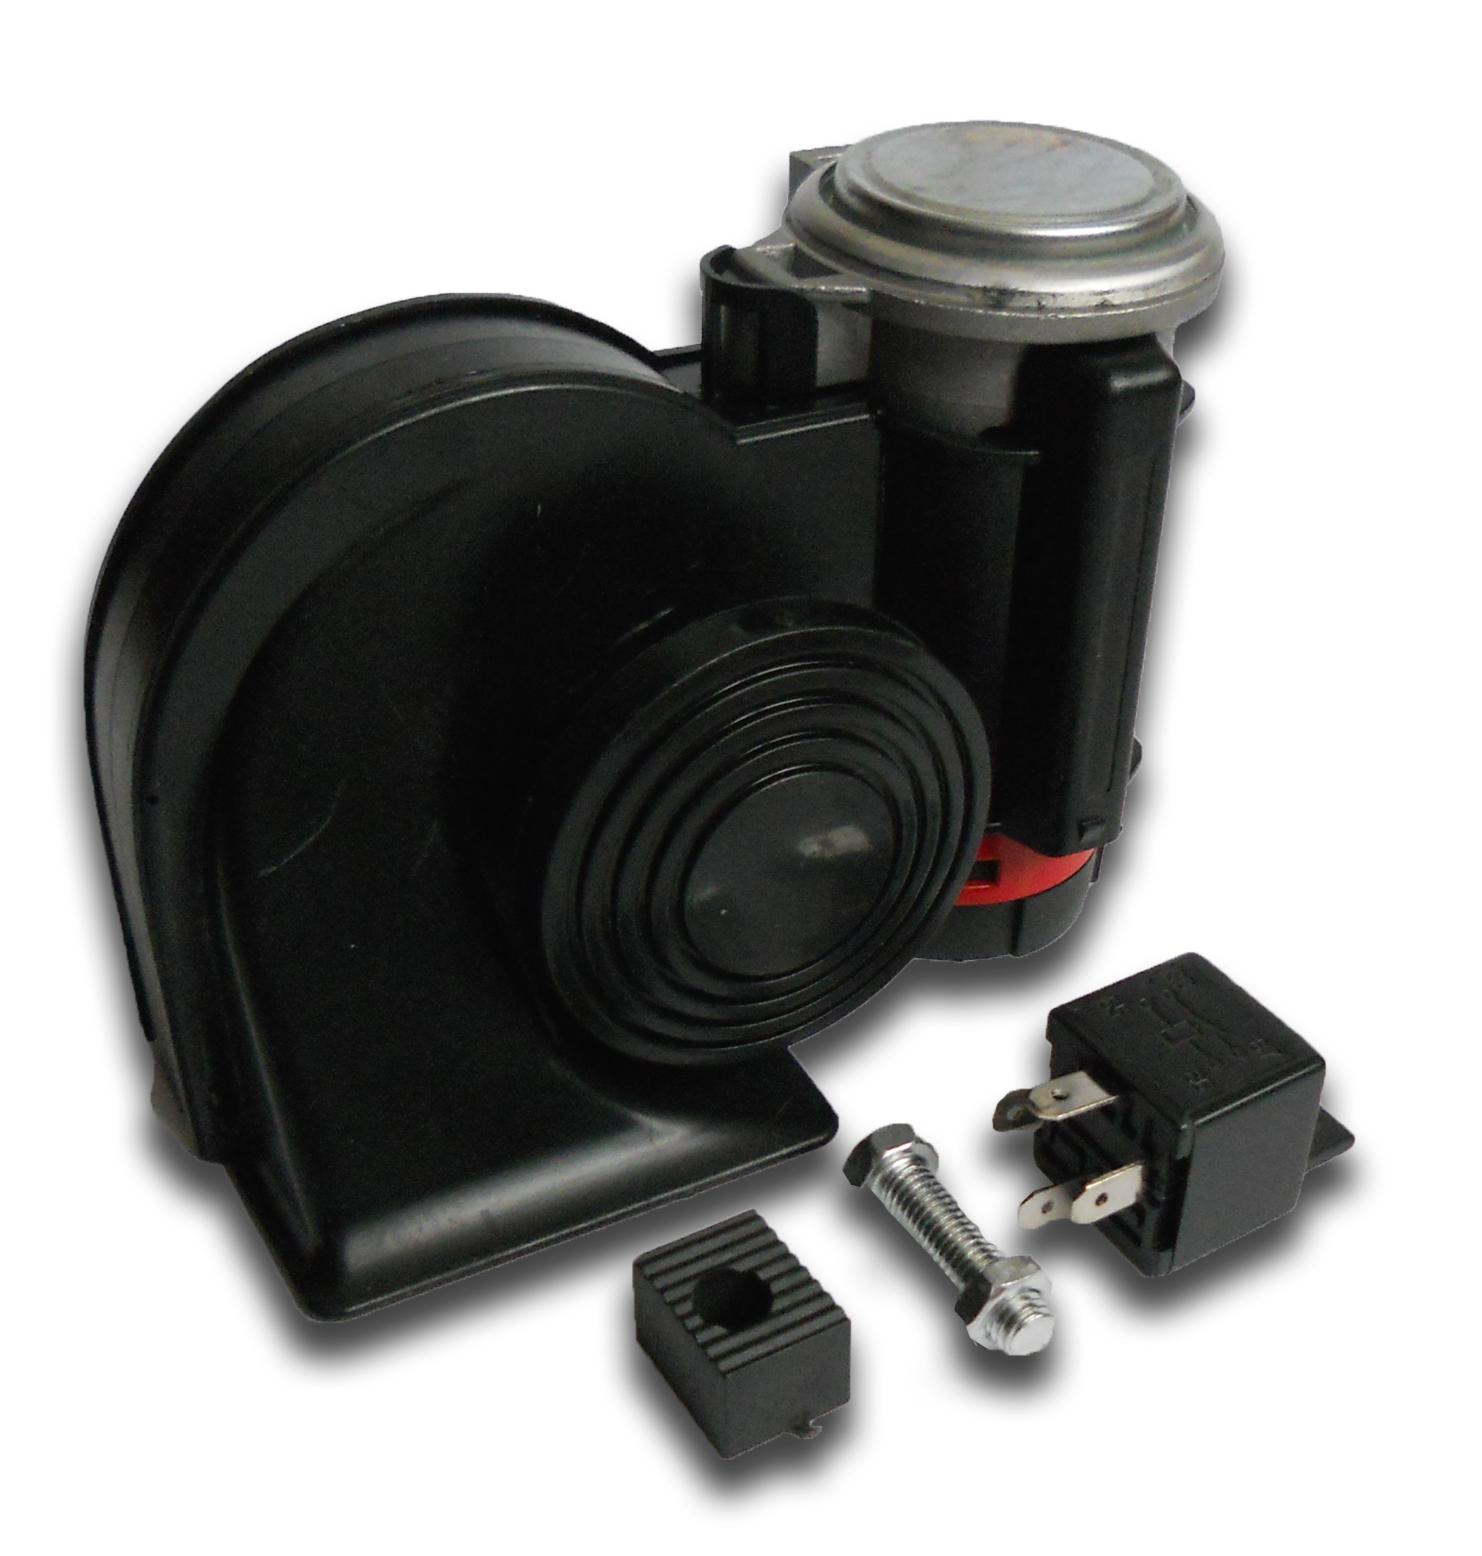 клаксон - звуковой сигнал  компрессор 12v bgŁoŚny бесплатно